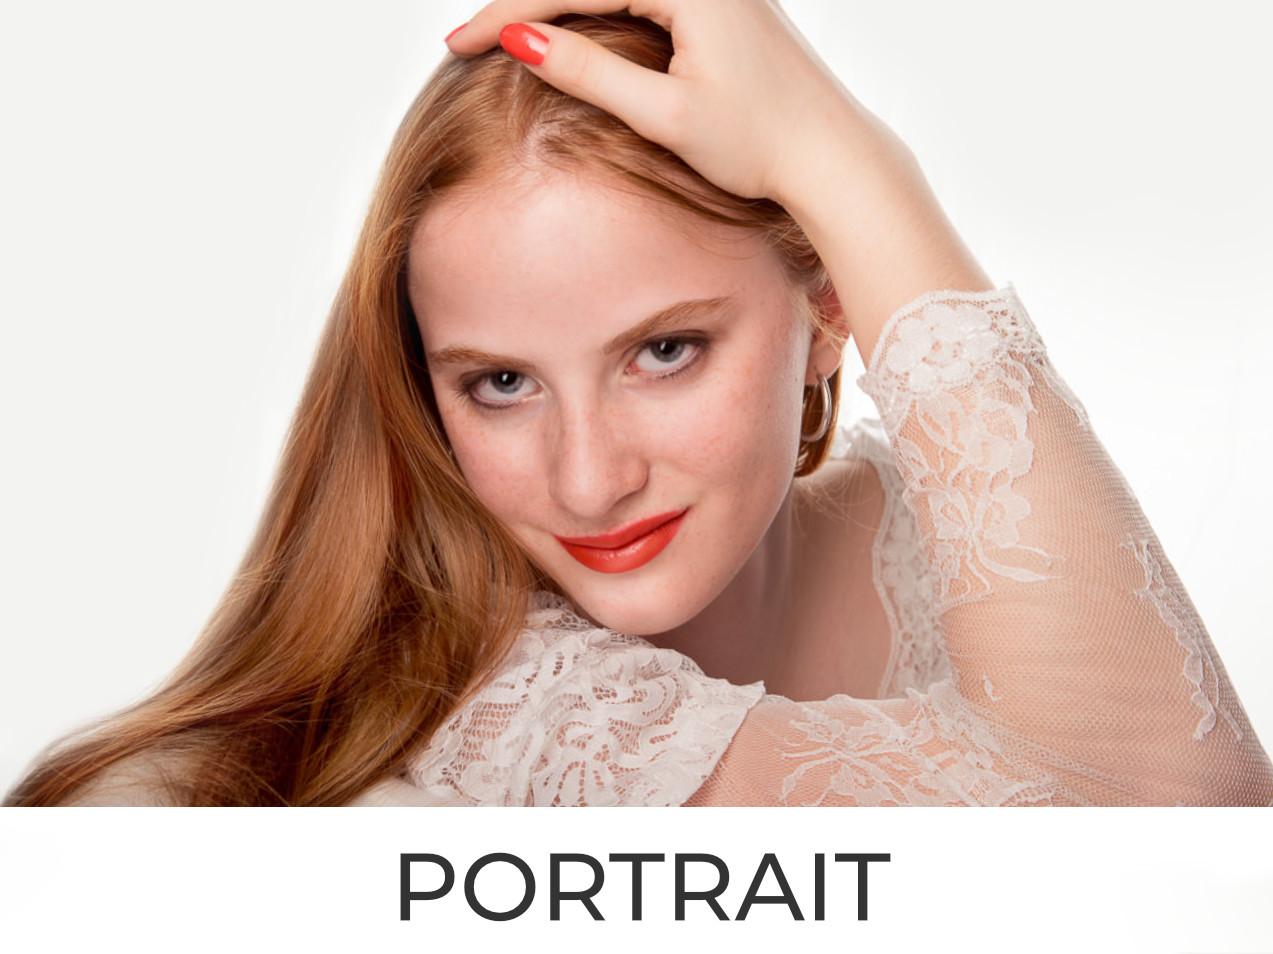 Mädchen mit rotem HaarHigh Key-Portrait